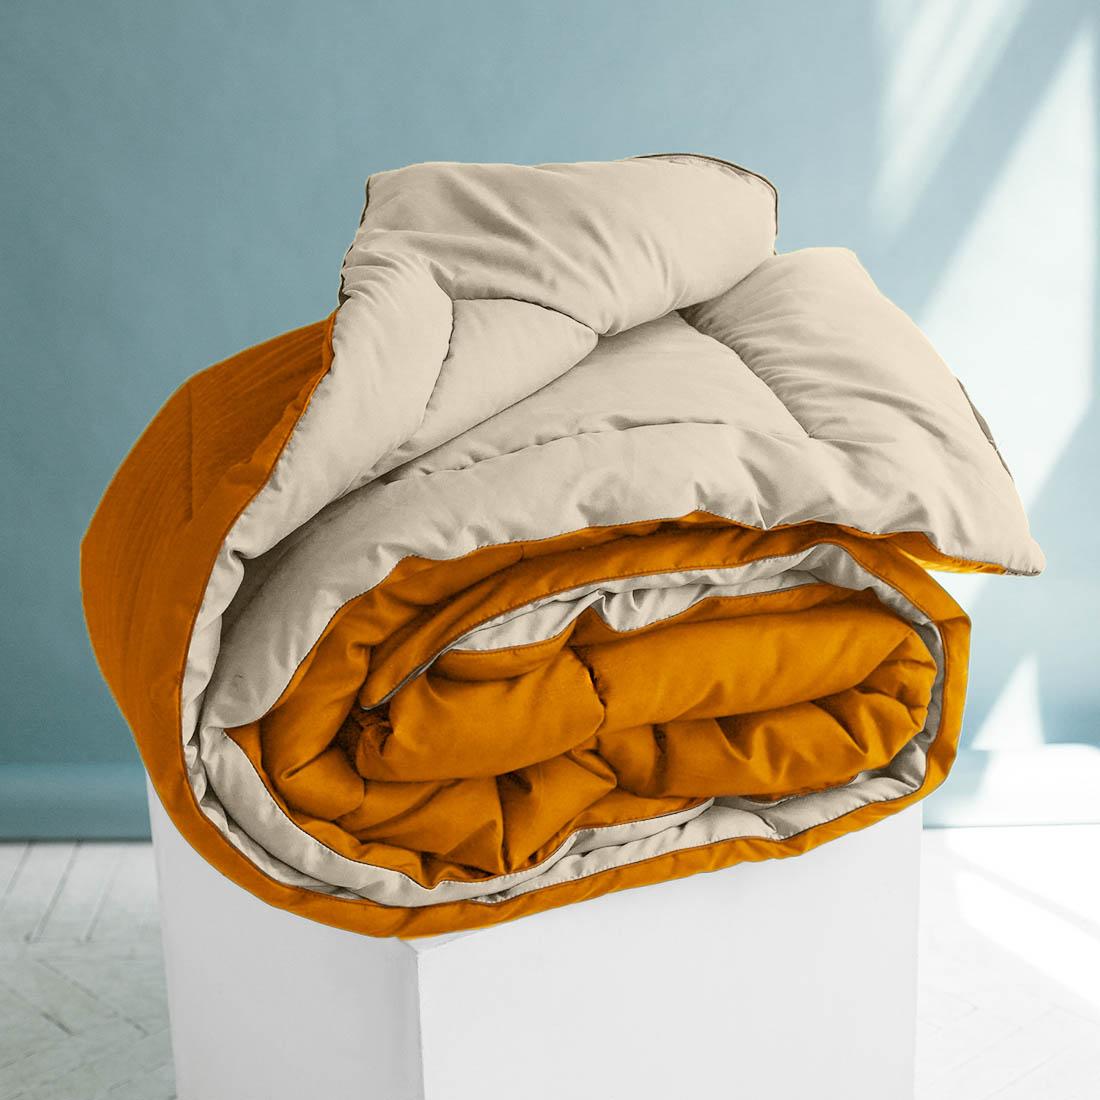 Одеяло Sleep iX, наполнитель: силиконизированное волокно, цвет: бежевый, оранжевый, 220 х 240 см. pva320029pva320029Особая технология позволяет использовать это одеяло без пододеяльника, не опасаясь износа.Материал чехла MicroSkin - это гладкая и шелковистая ткань с легким блеском, по своему виду не уступает натуральному хлопку. Хорошо сохраняет тепло, очень приятна на ощупь, прочна и устойчива к стирке.Силиконизированное волокно делают из тонких волокон полиэфира, обработанных силиконом. Одеяло с таким наполнителем отлично сохраняет тепло, создавая максимальный комфорт и уют. Силиконизированное волокно отлично держит форму, не сбиваясь в комки. На ощупь наполнитель похож на пух, поэтому производители часто называют его искусственным пухом. Одеяло с полиэфирным наполнителем отлично подойдёт людям, страдающим аллергией, так как не впитывает запахи и отталкивает пыль. Кант делают из атласа или вискозы, он помогает изделию держать форму в течение многих лет. Кантик есть на многих объемных изделиях из текстиля, иногда его могут дополнительно прострочить по периметру или сделать широким.